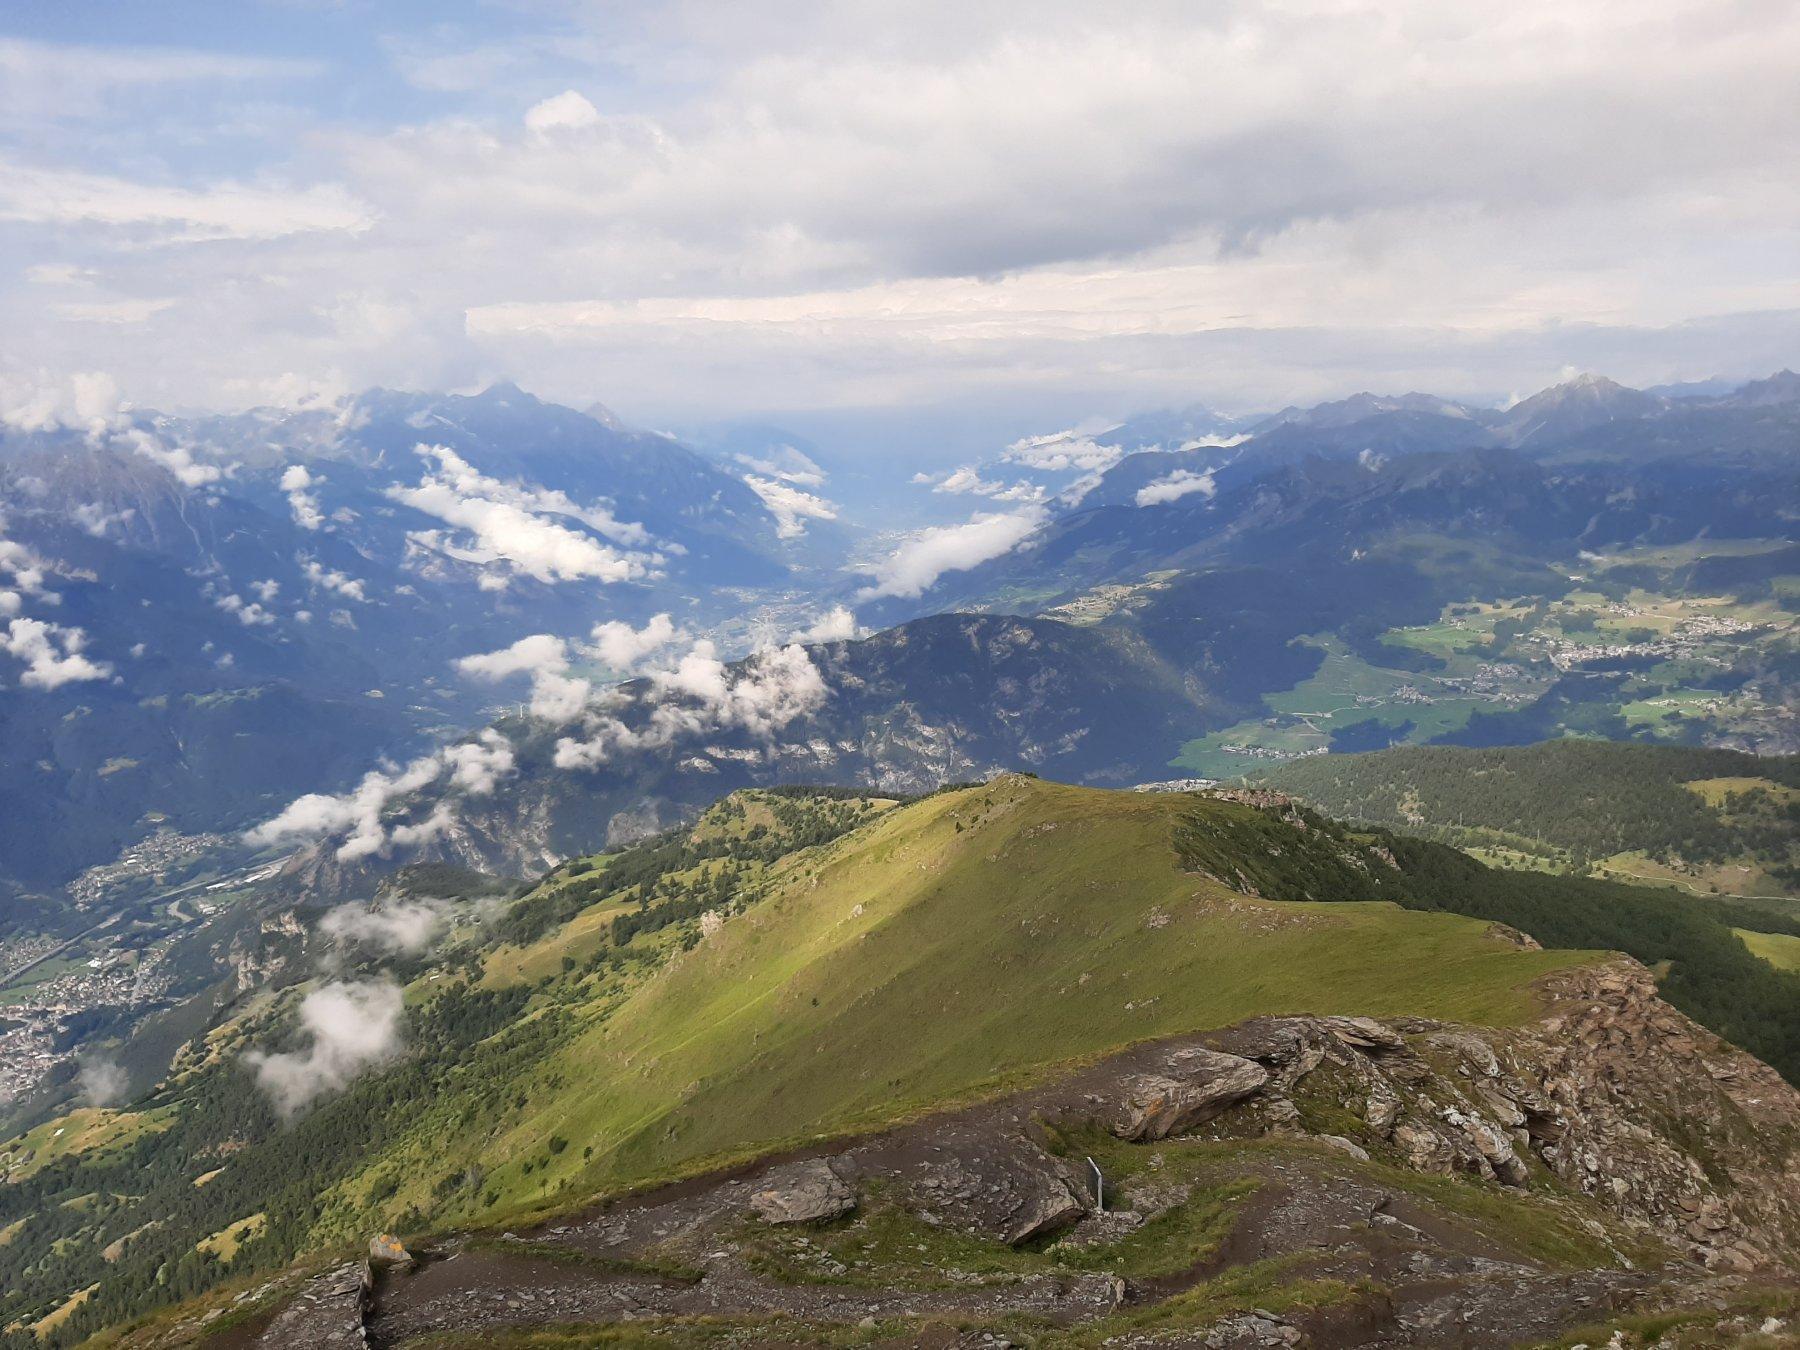 Cresta di salita e alta Valle d'Aosta